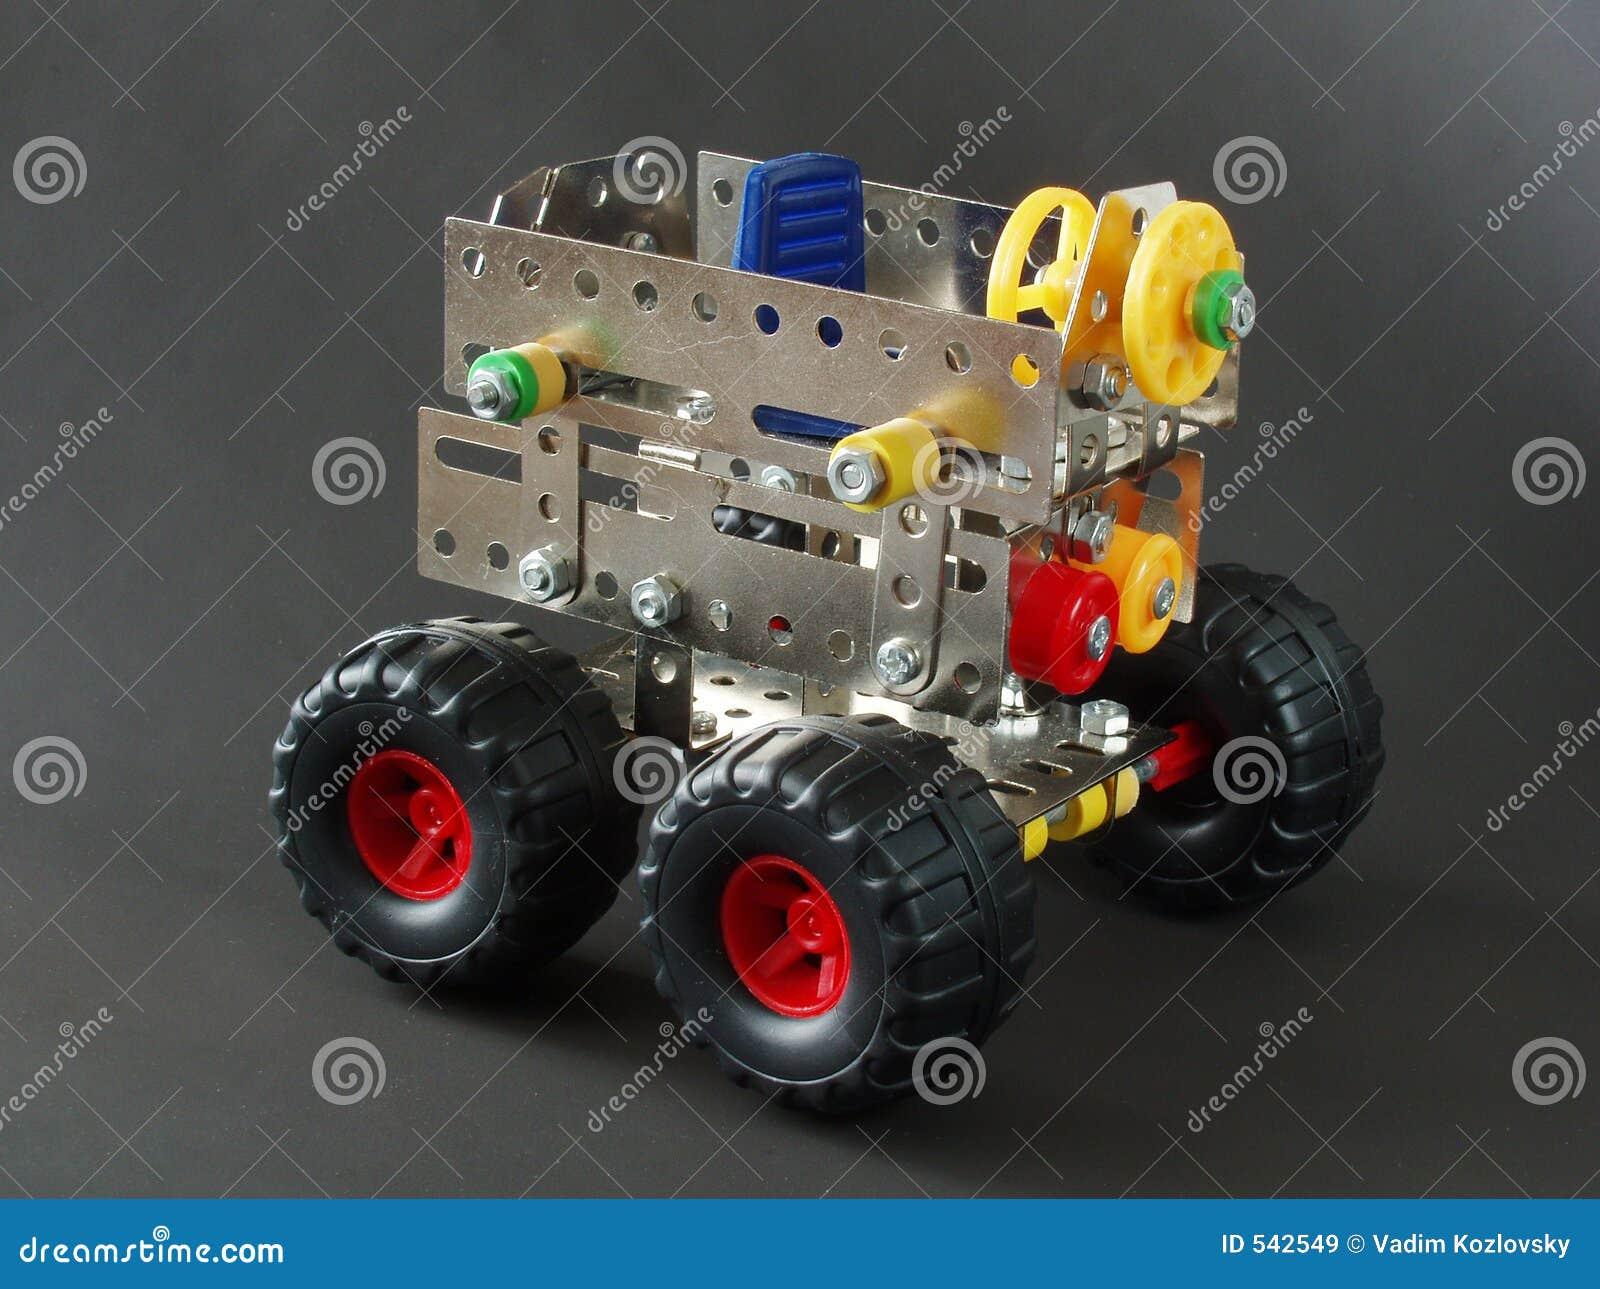 Download 做的汽车家 库存图片. 图片 包括有 详细资料, 通信工具, 创建, 玩具, 建筑, 设计, 运输, 汽车, 金属 - 542549